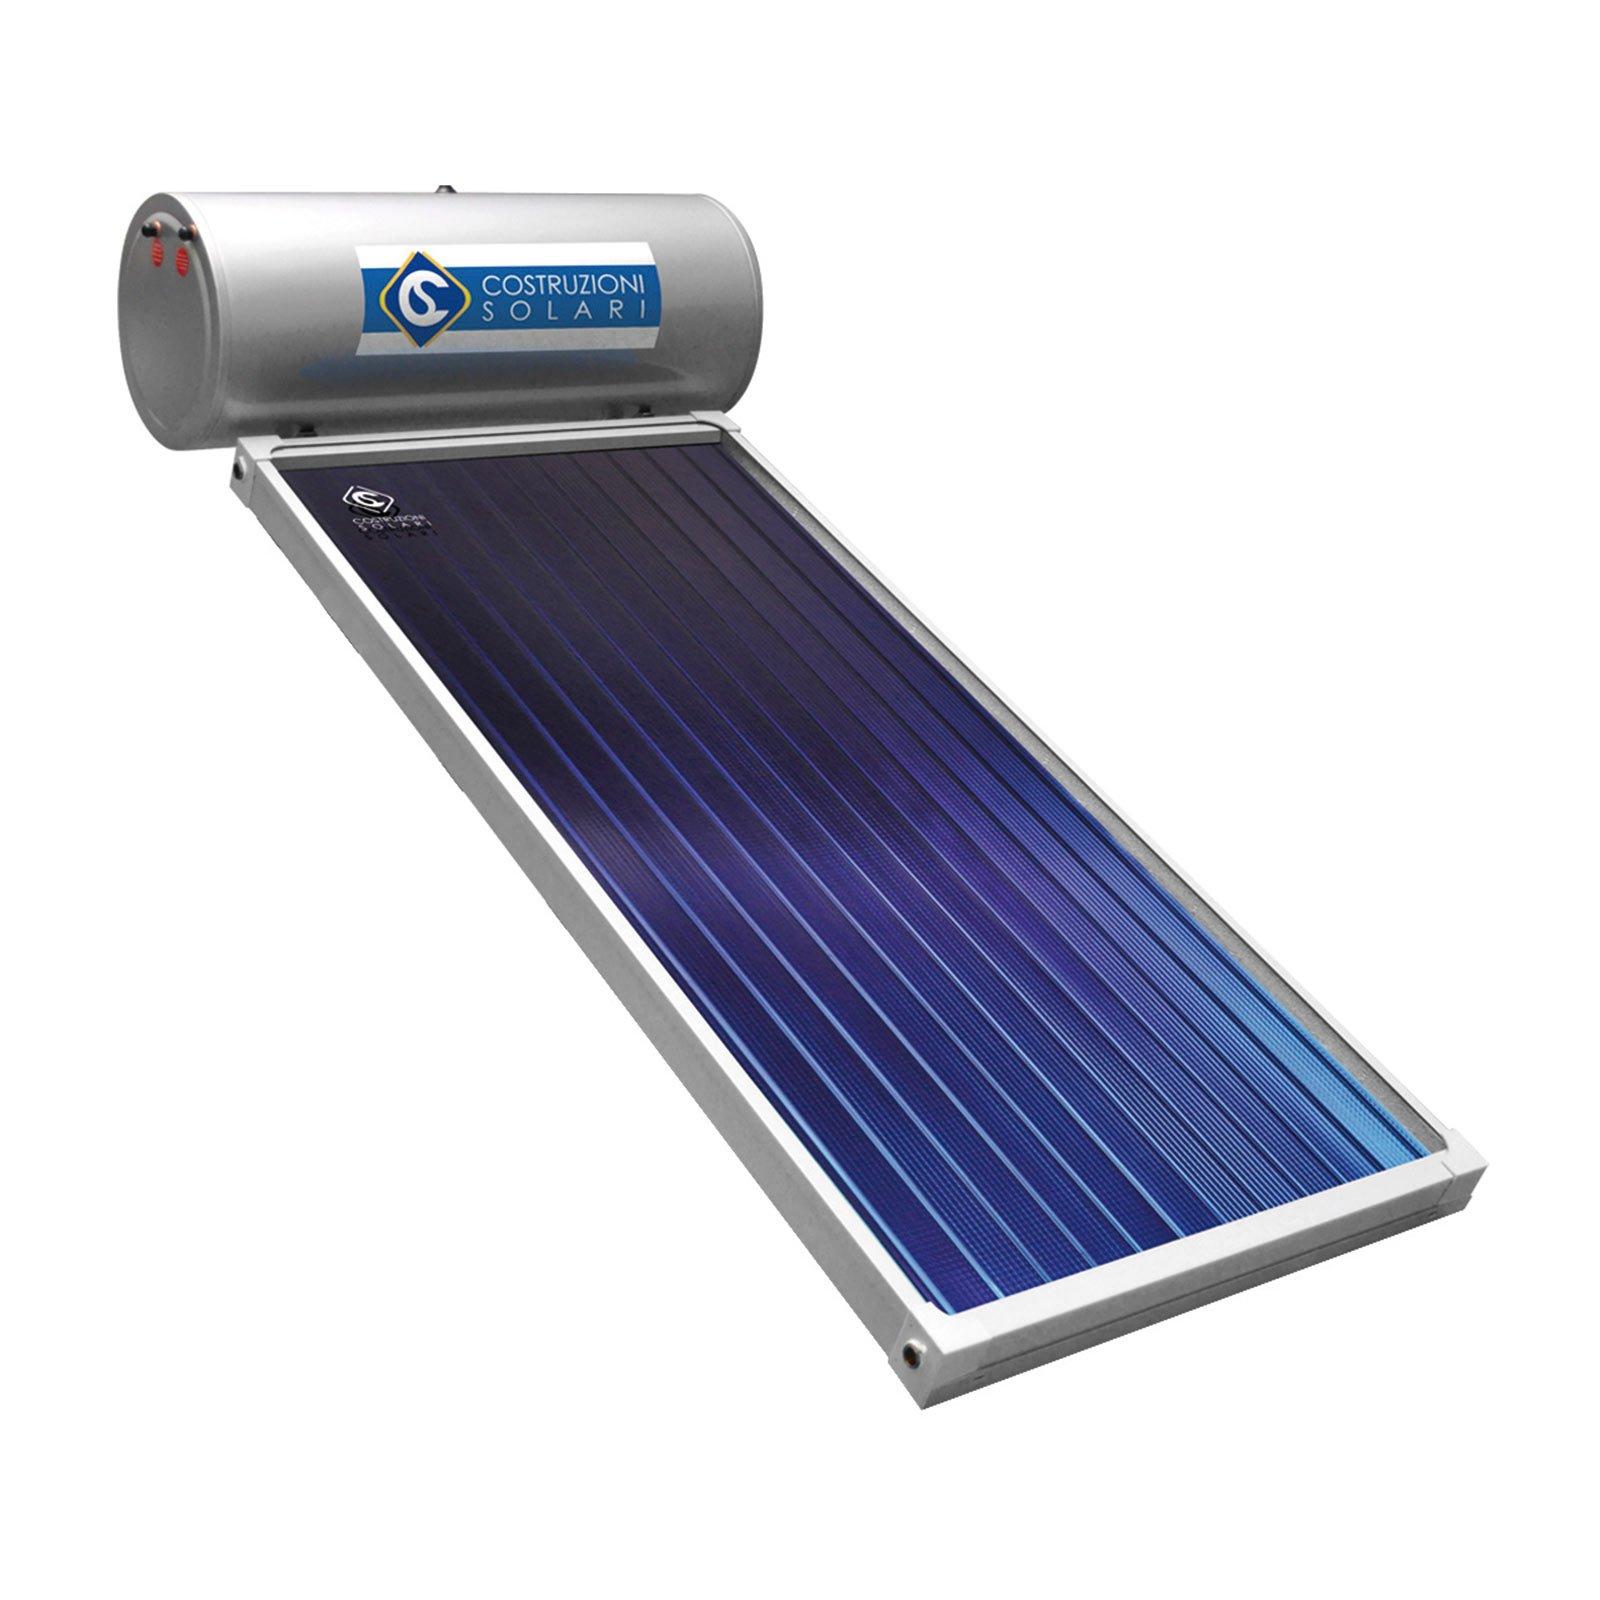 Pannello Solare Per Ebike : Risparmio e tutelo l ambiente da leroy merlin la festa